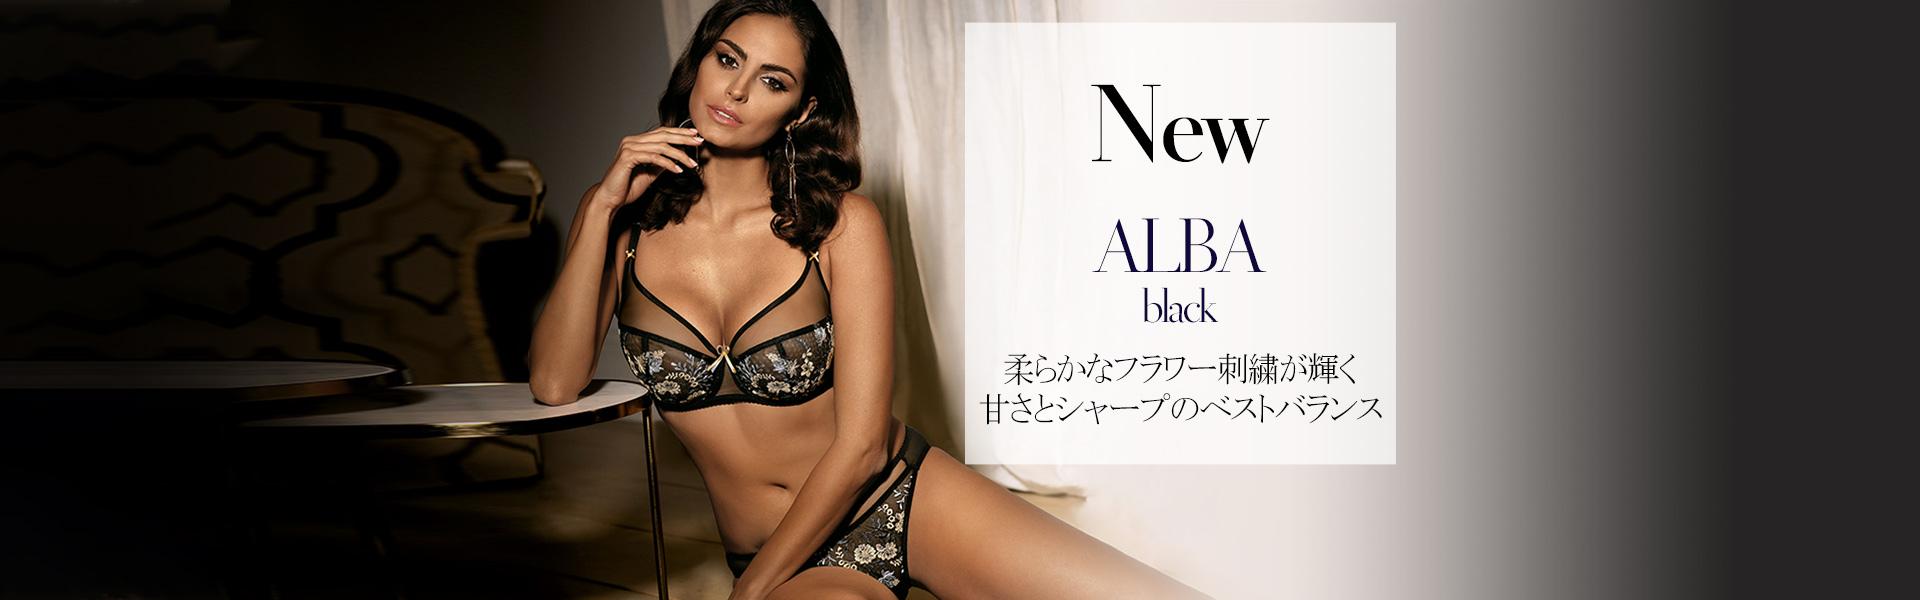 [Ewa Bien] ALBA black -2019-20-